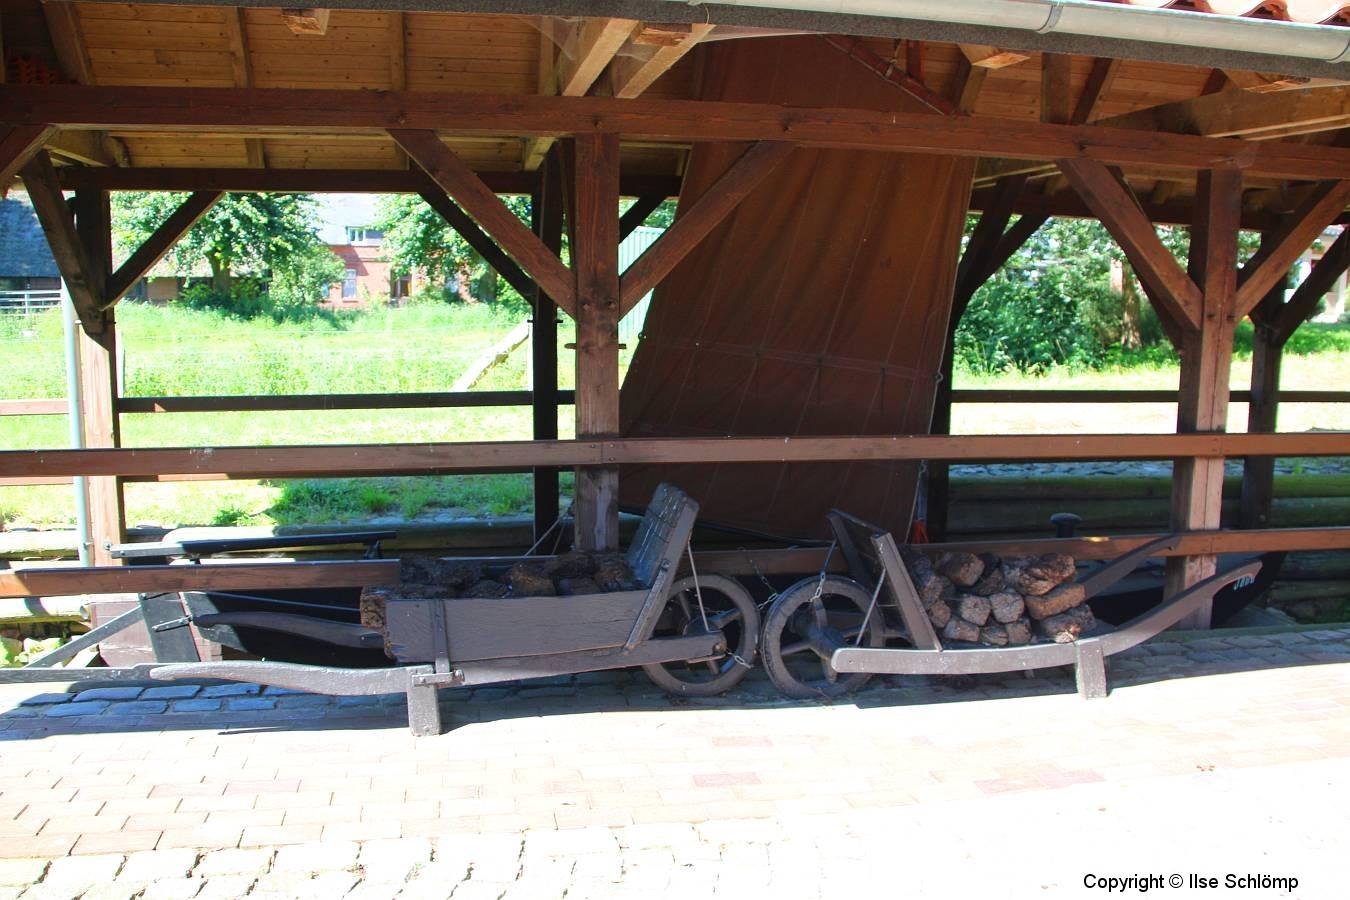 Cuxland, Beverstedt-Hollen-Heise 2013, Torfschiff mit Schiebkarren